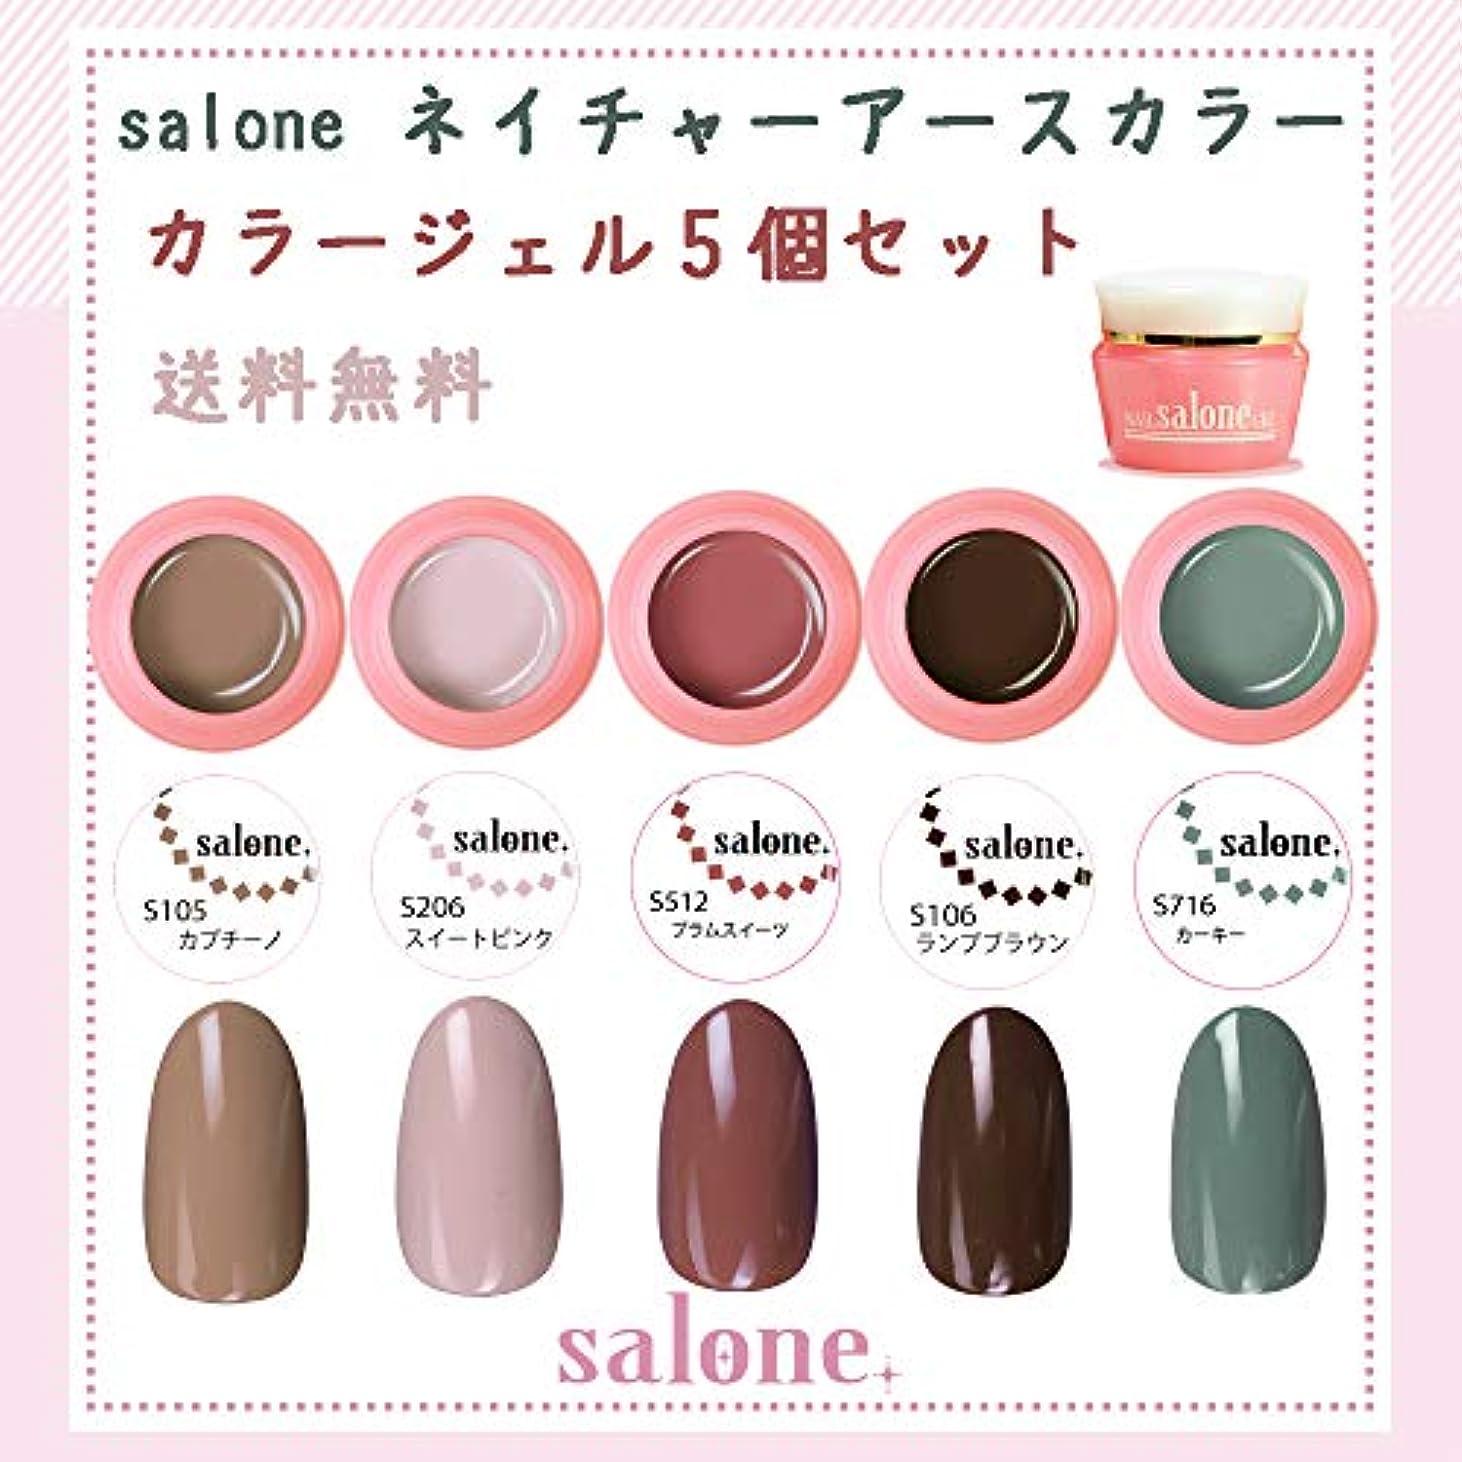 悲惨なみなさん横に【送料無料 日本製】Salone ネイチャーアースカラー カラージェル5個セット ボタニカルでネイチャーなカラーをチョイスしました。